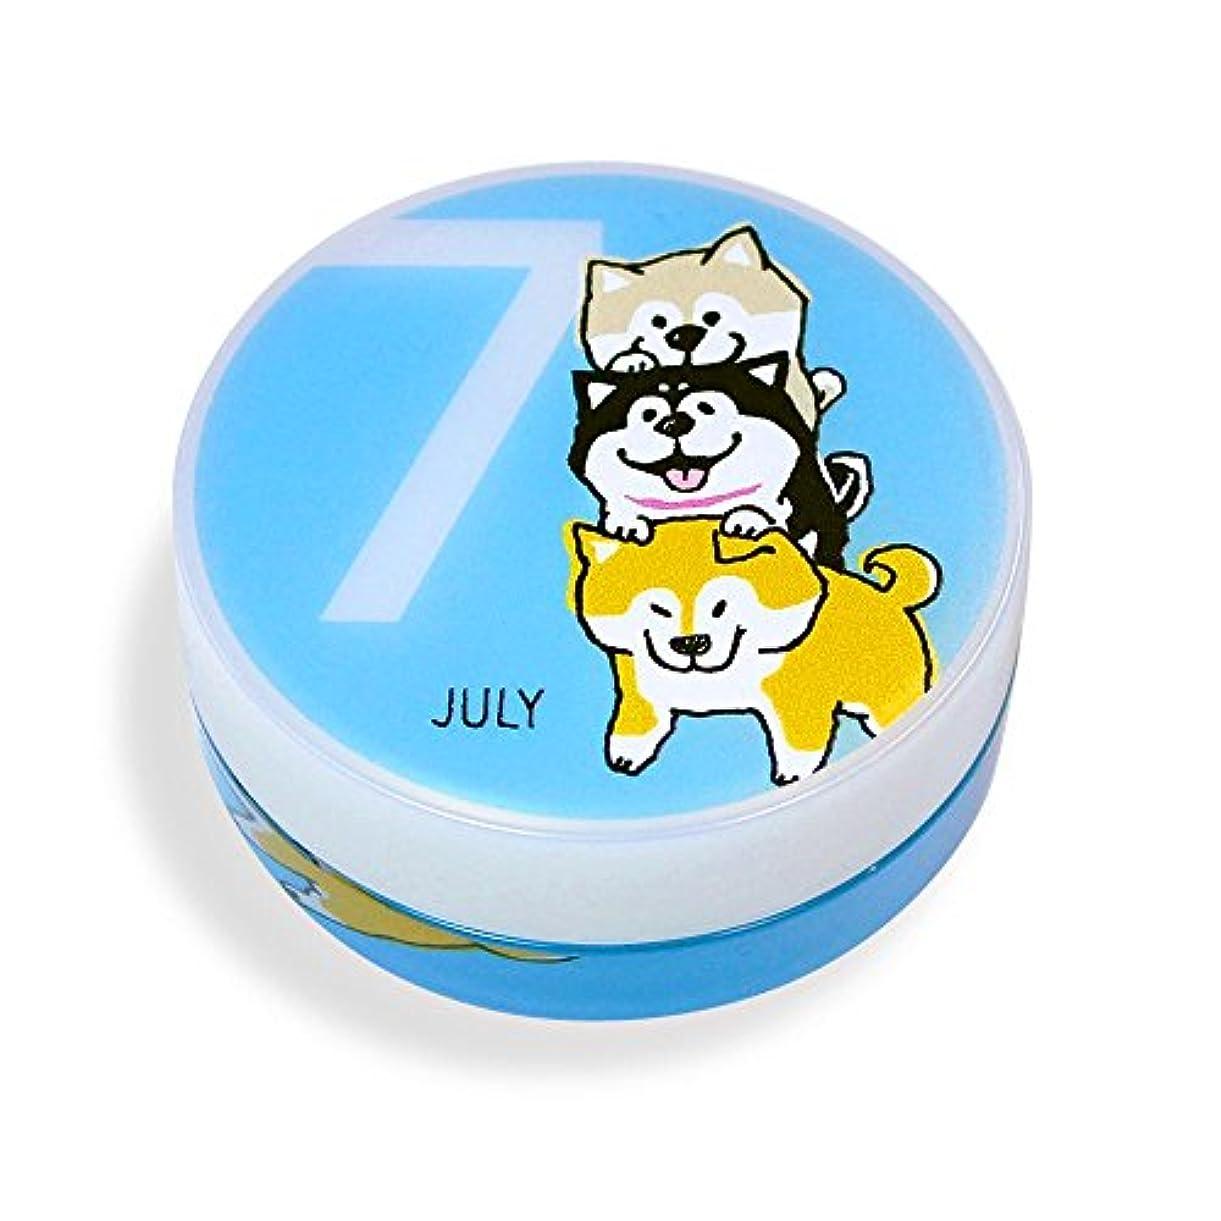 読書武器ケーブルカーしばんばん フルプルクリーム 誕生月シリーズ 7月 20g